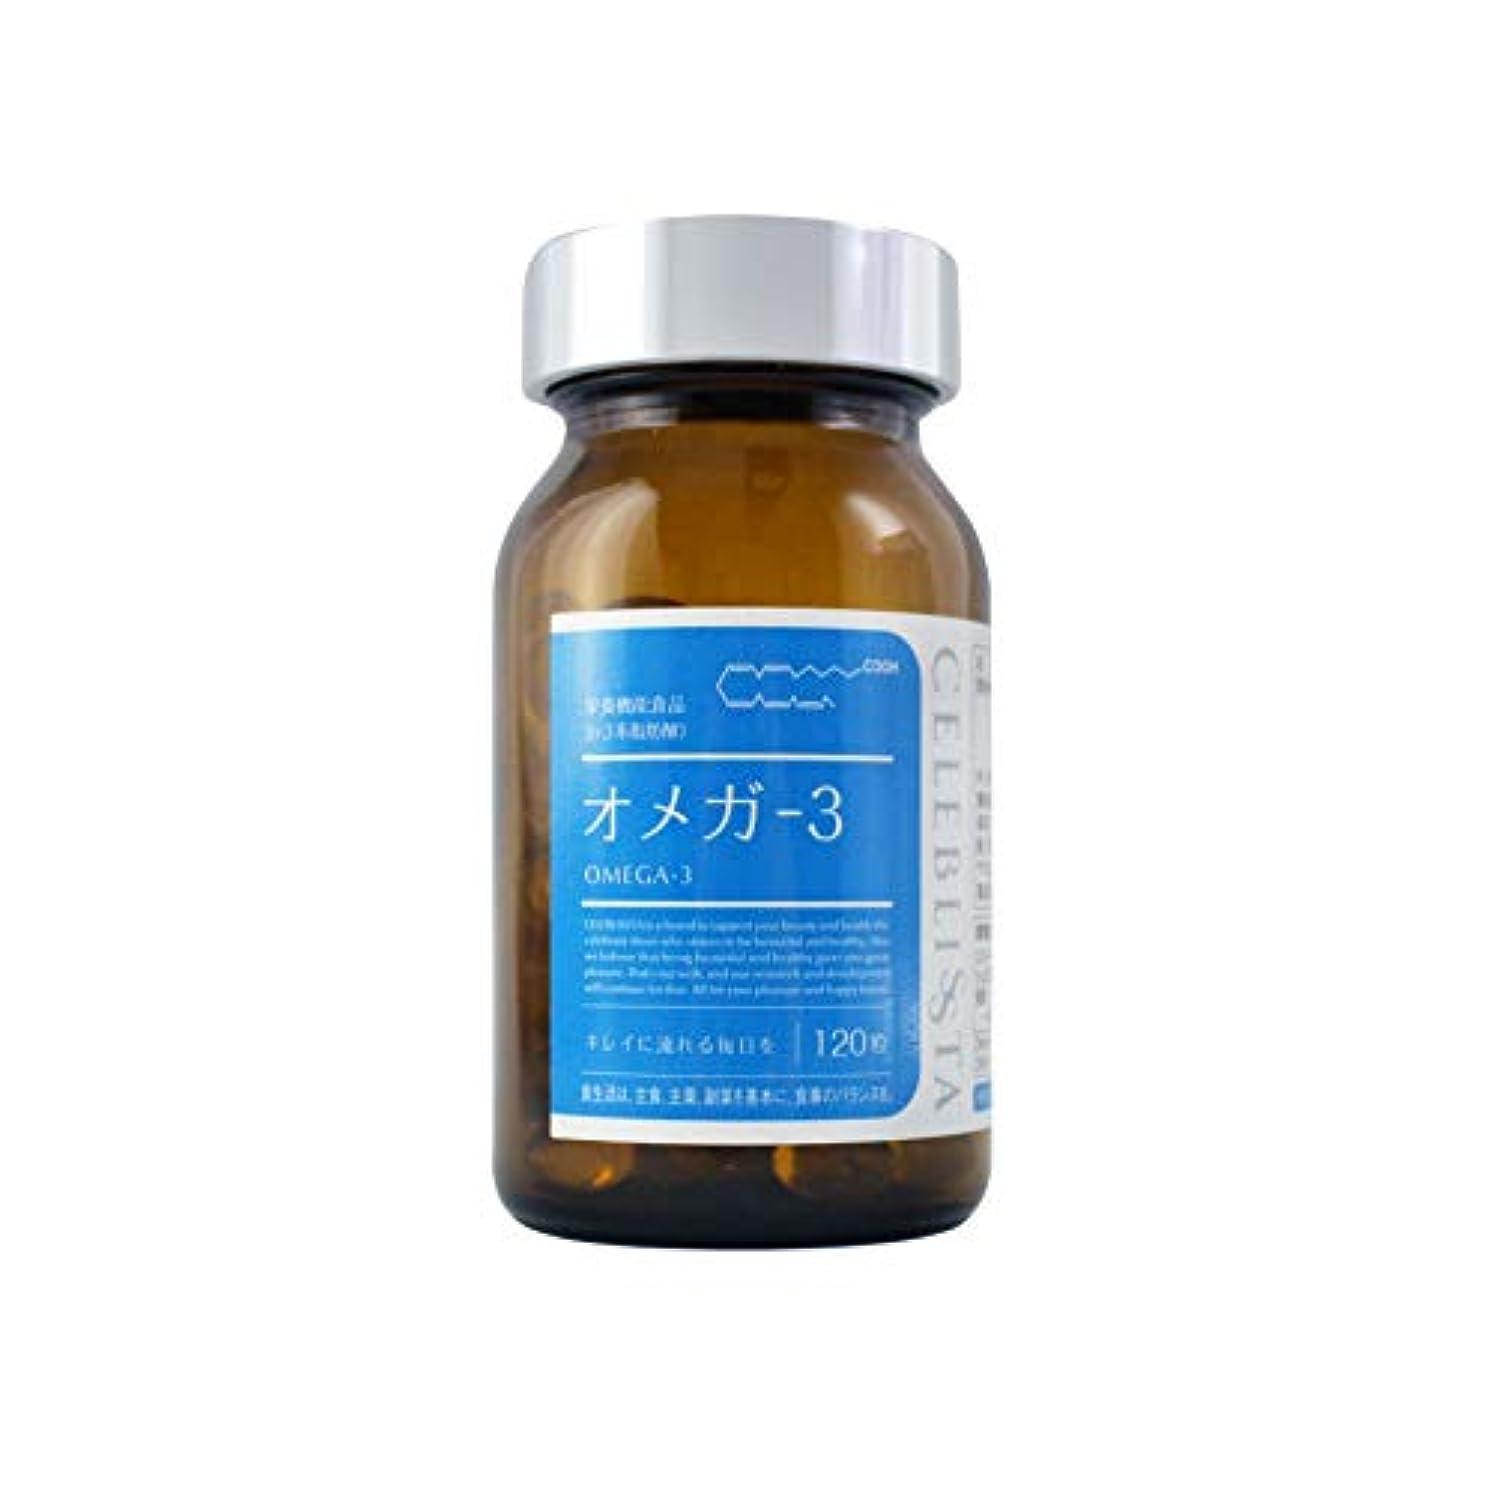 品揃え夜明けプラスCELEBLISSTA ( セレブリスタ ) サプリメント オメガ-3 [ 基礎サプリ フィッシュオイル / 30日分 120粒 ] DPA DHA EPA ( 日本製 )